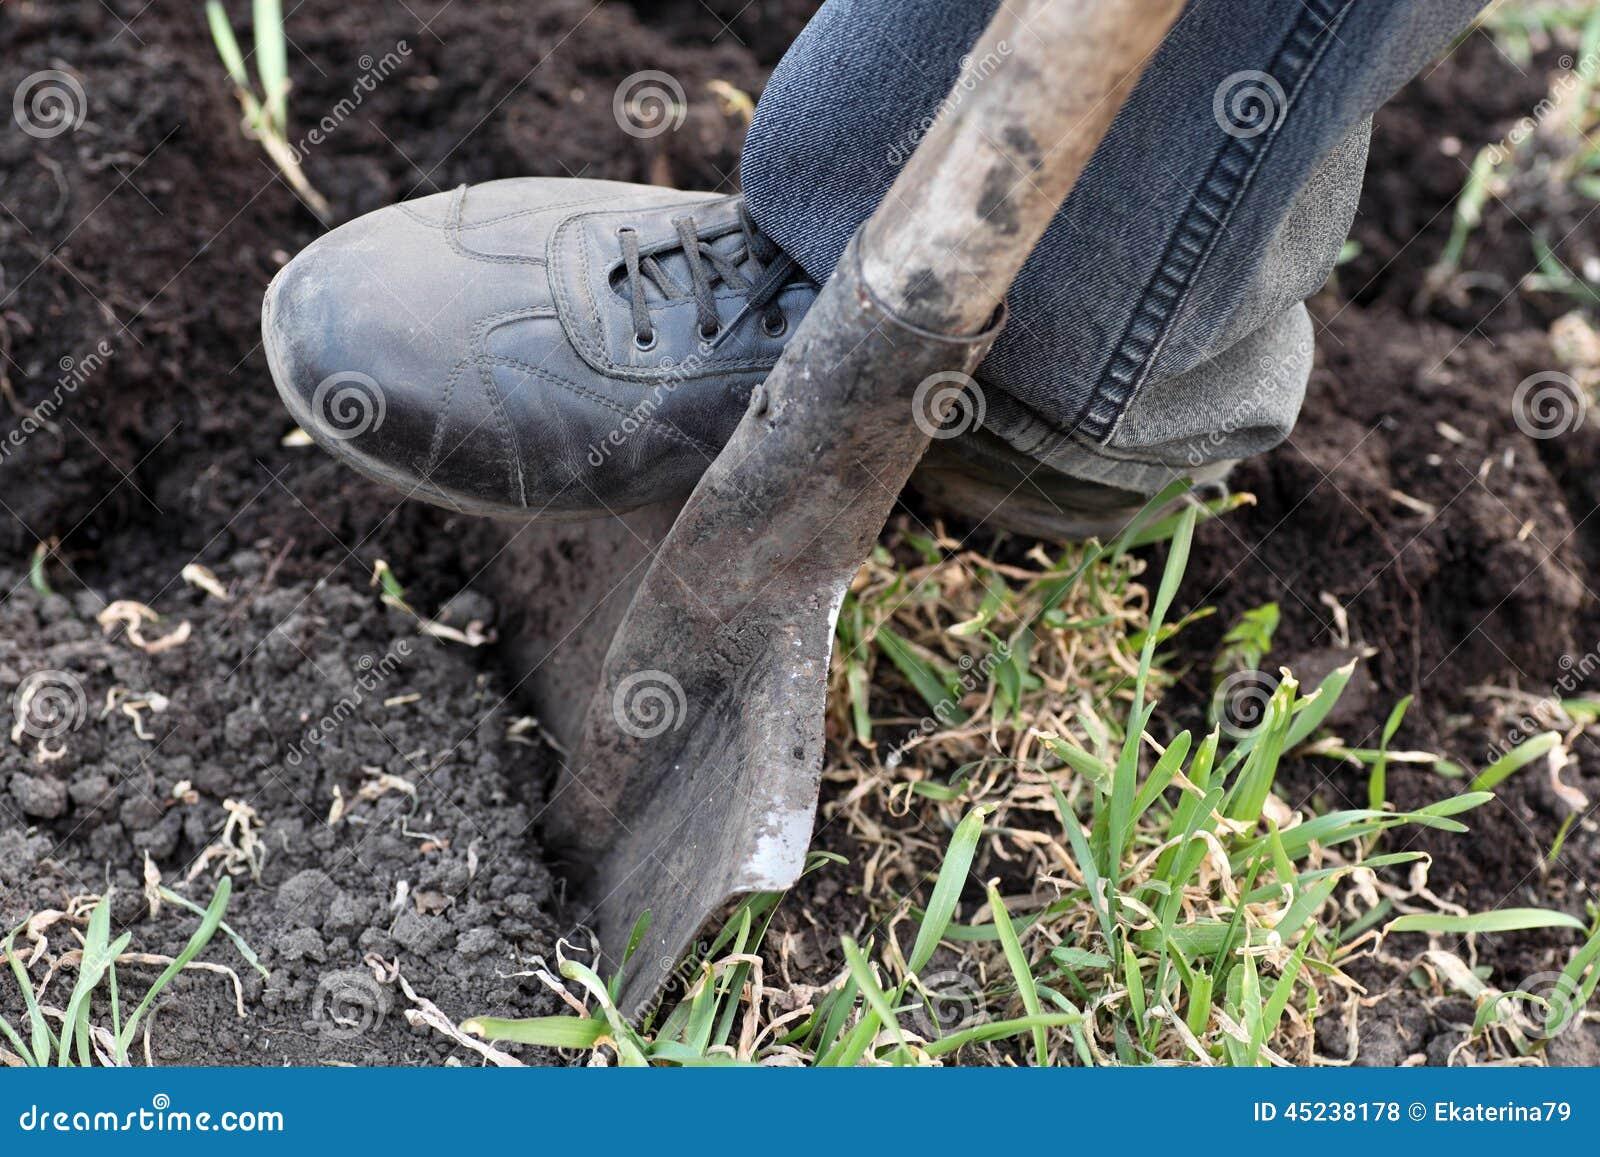 Gardener digging with spade in garden